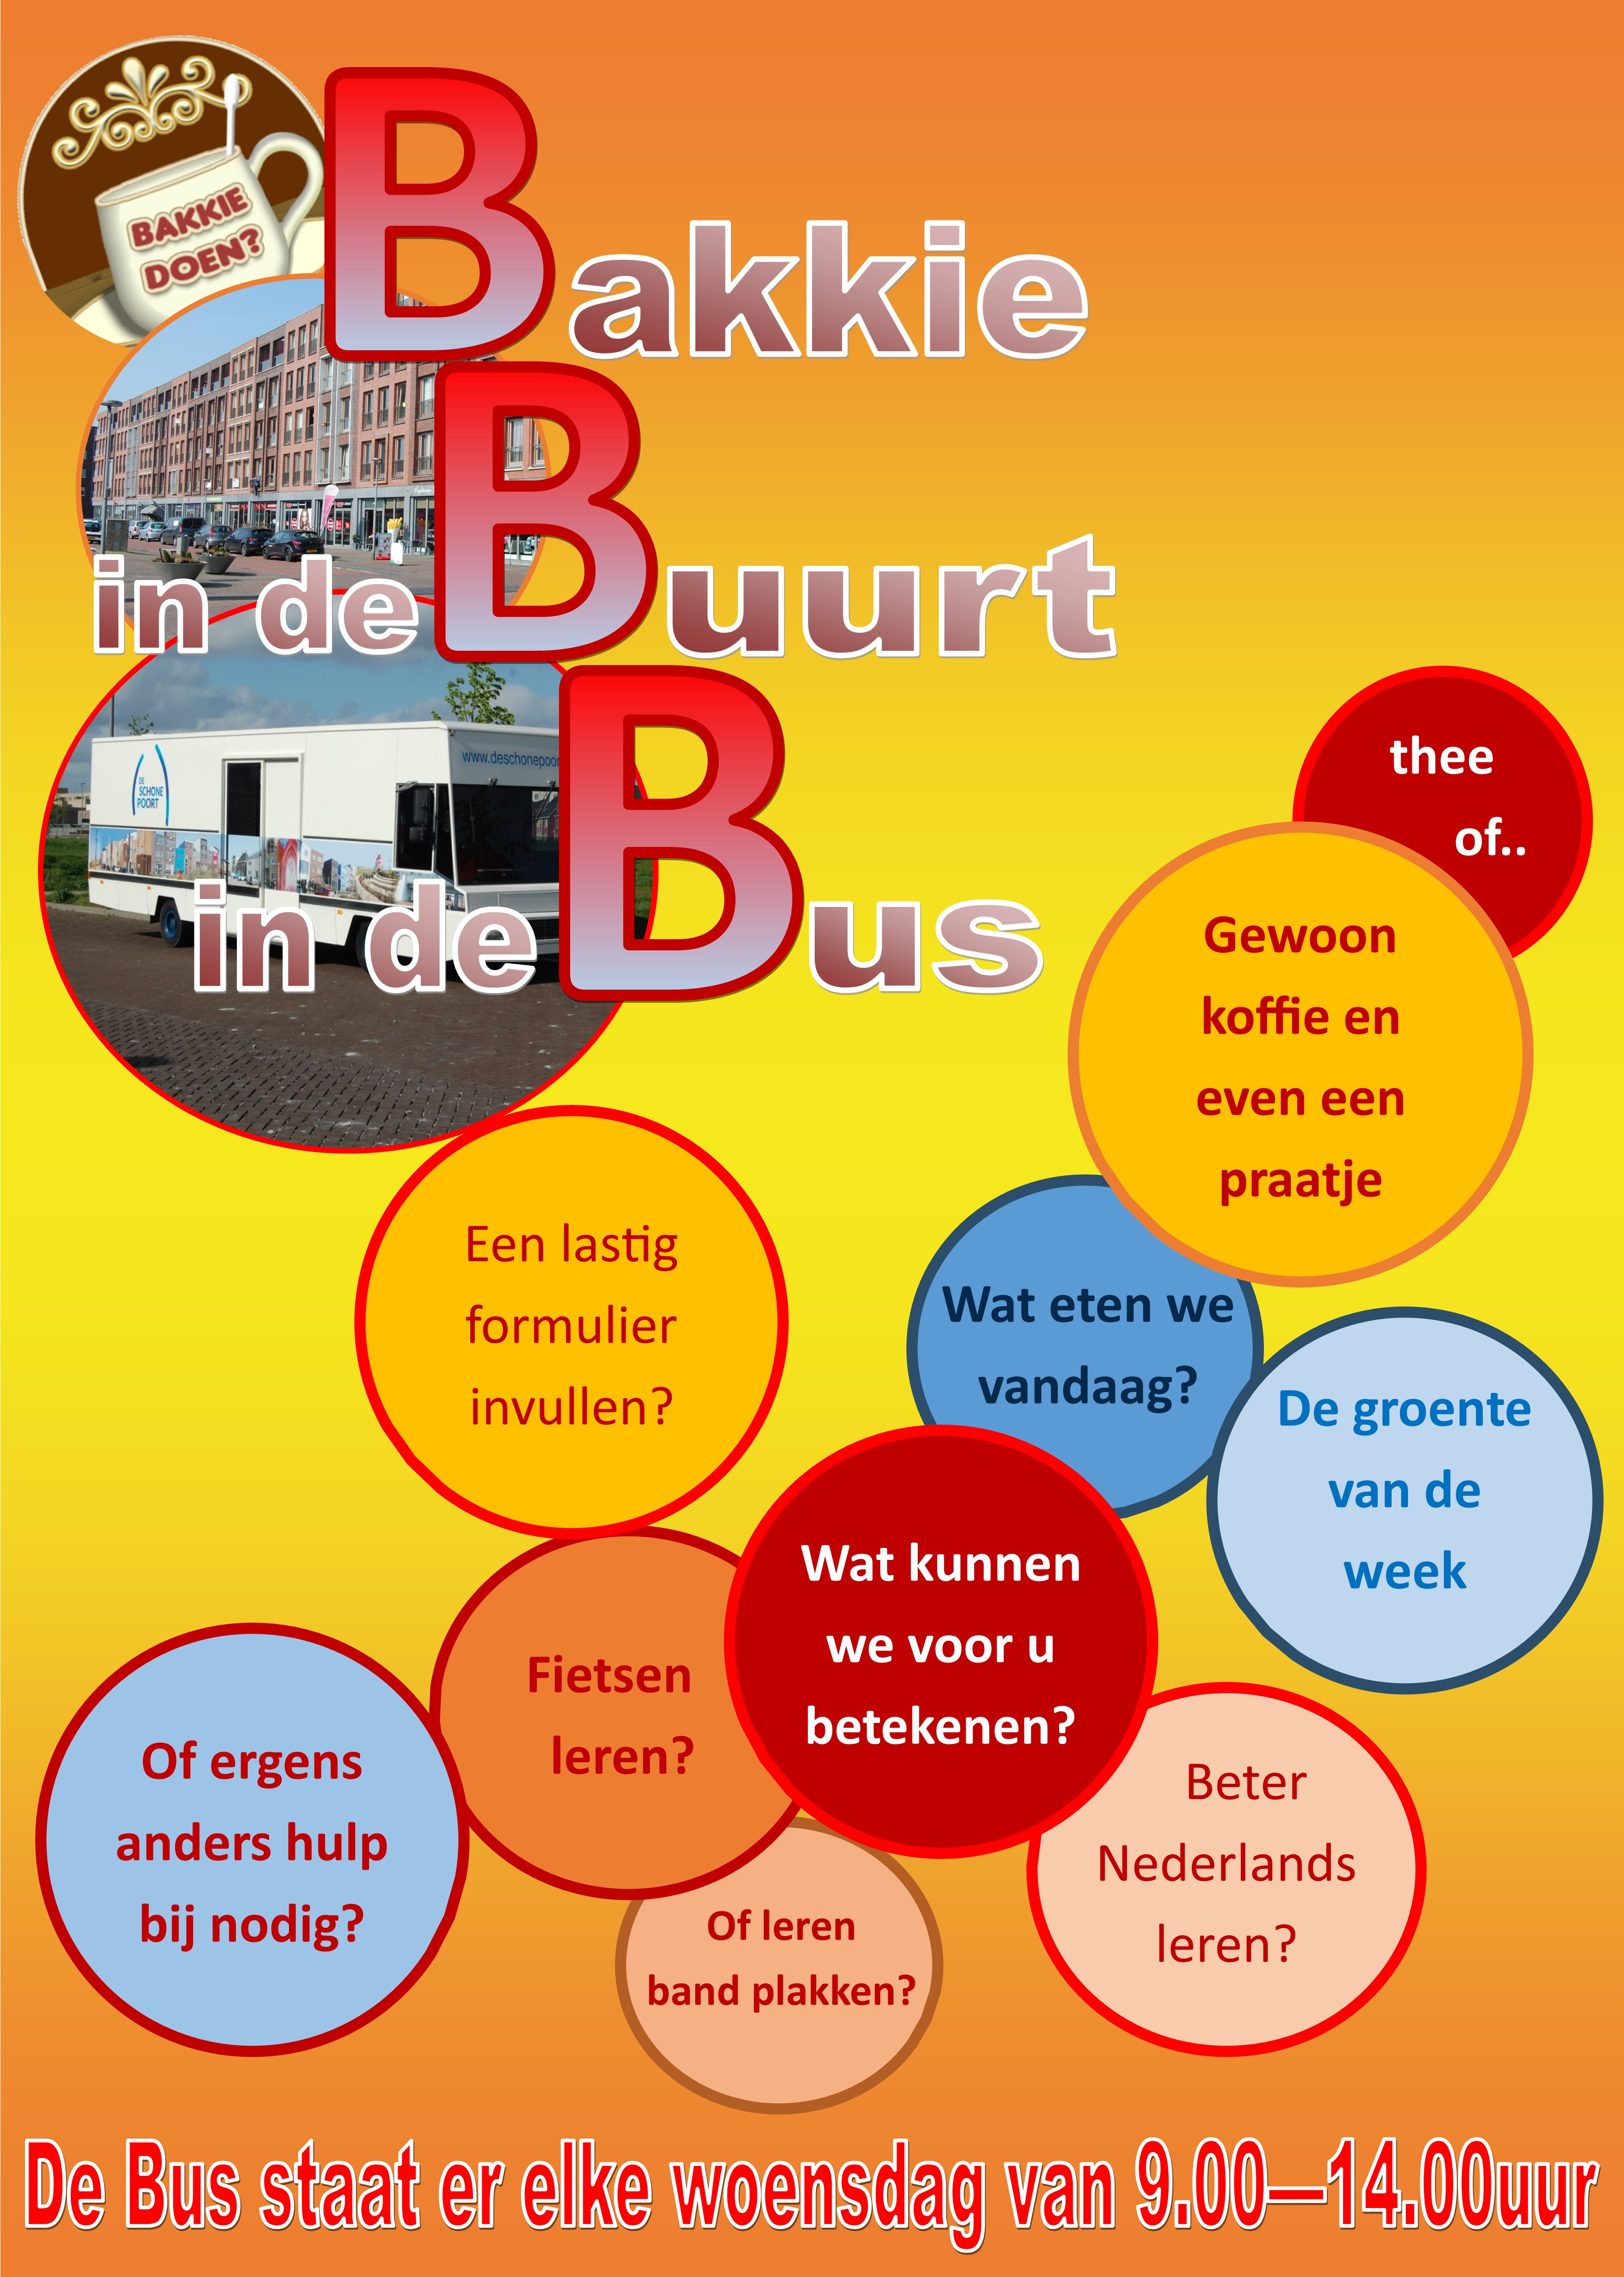 Bakkie in de Buurt in de Bus (BBB)